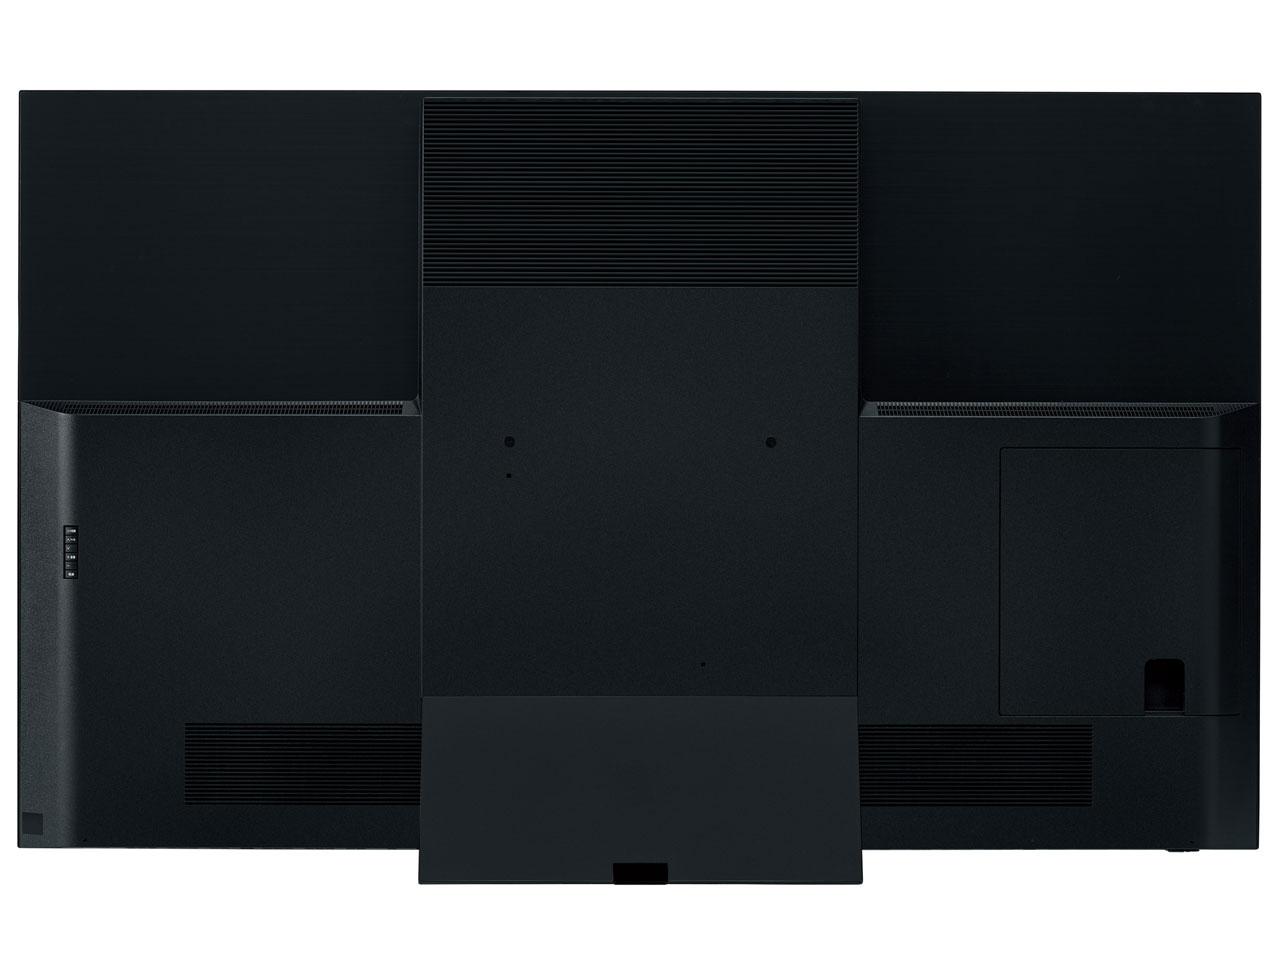 『本体 背面2』 VIERA TH-65GZ2000 [65インチ] の製品画像